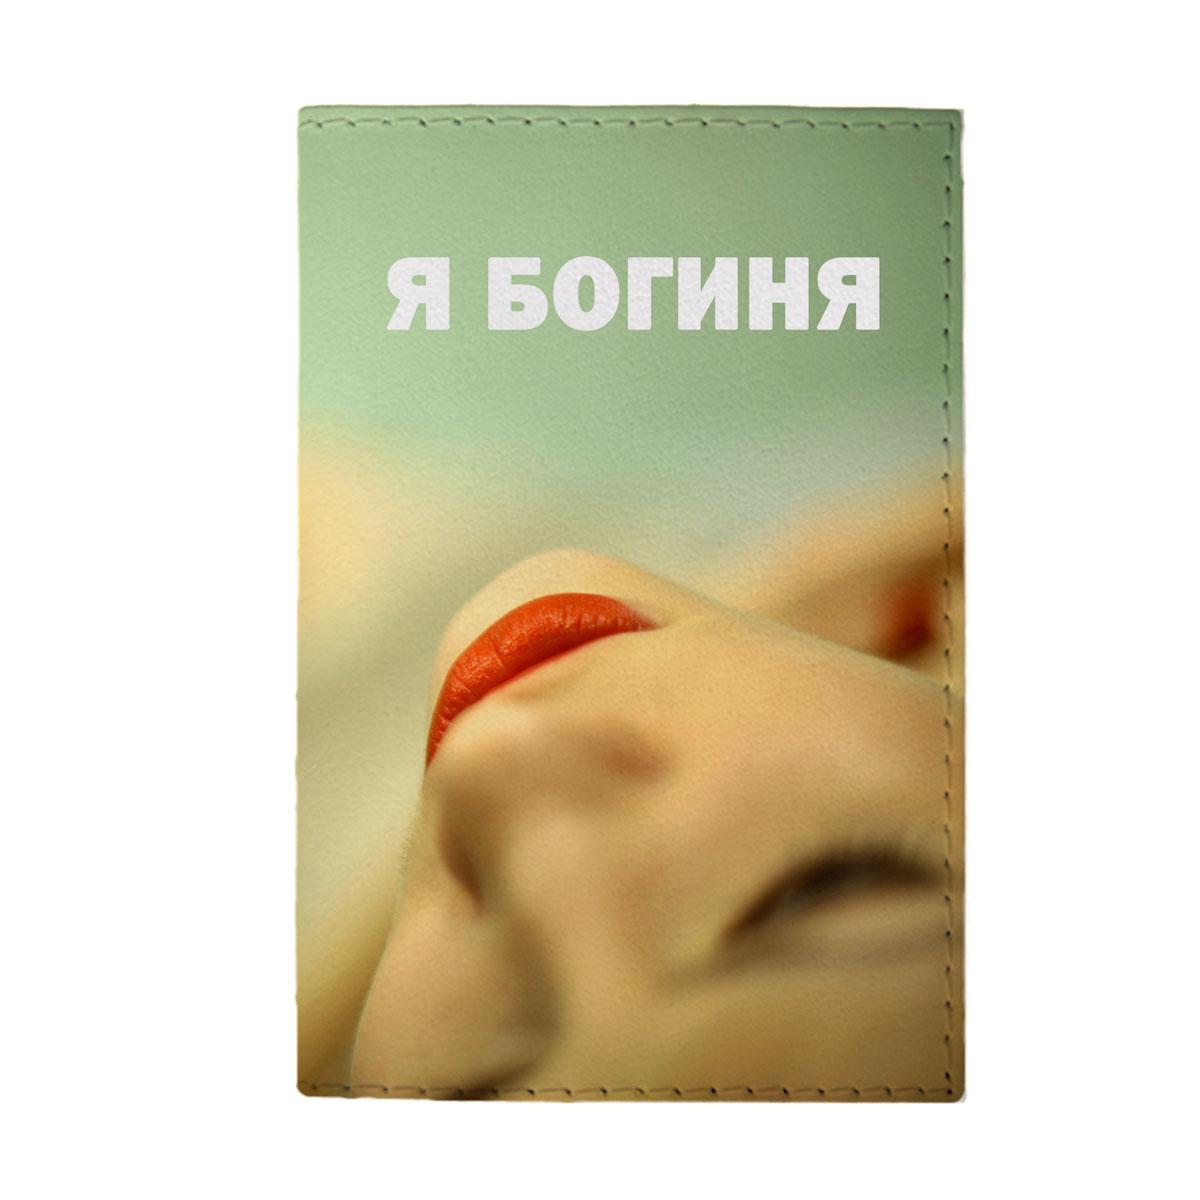 Обложка для паспорта Богиня OZAM402OZAM402Такой нестандартный аксессуар как эта обложка для паспорта, оформленная в ярком дизайне, будет говорить о Вашей неординарности и добром веселом нраве. Надежно сохранит Ваш документ.Размер изделия:13,8 x 9,5 см.